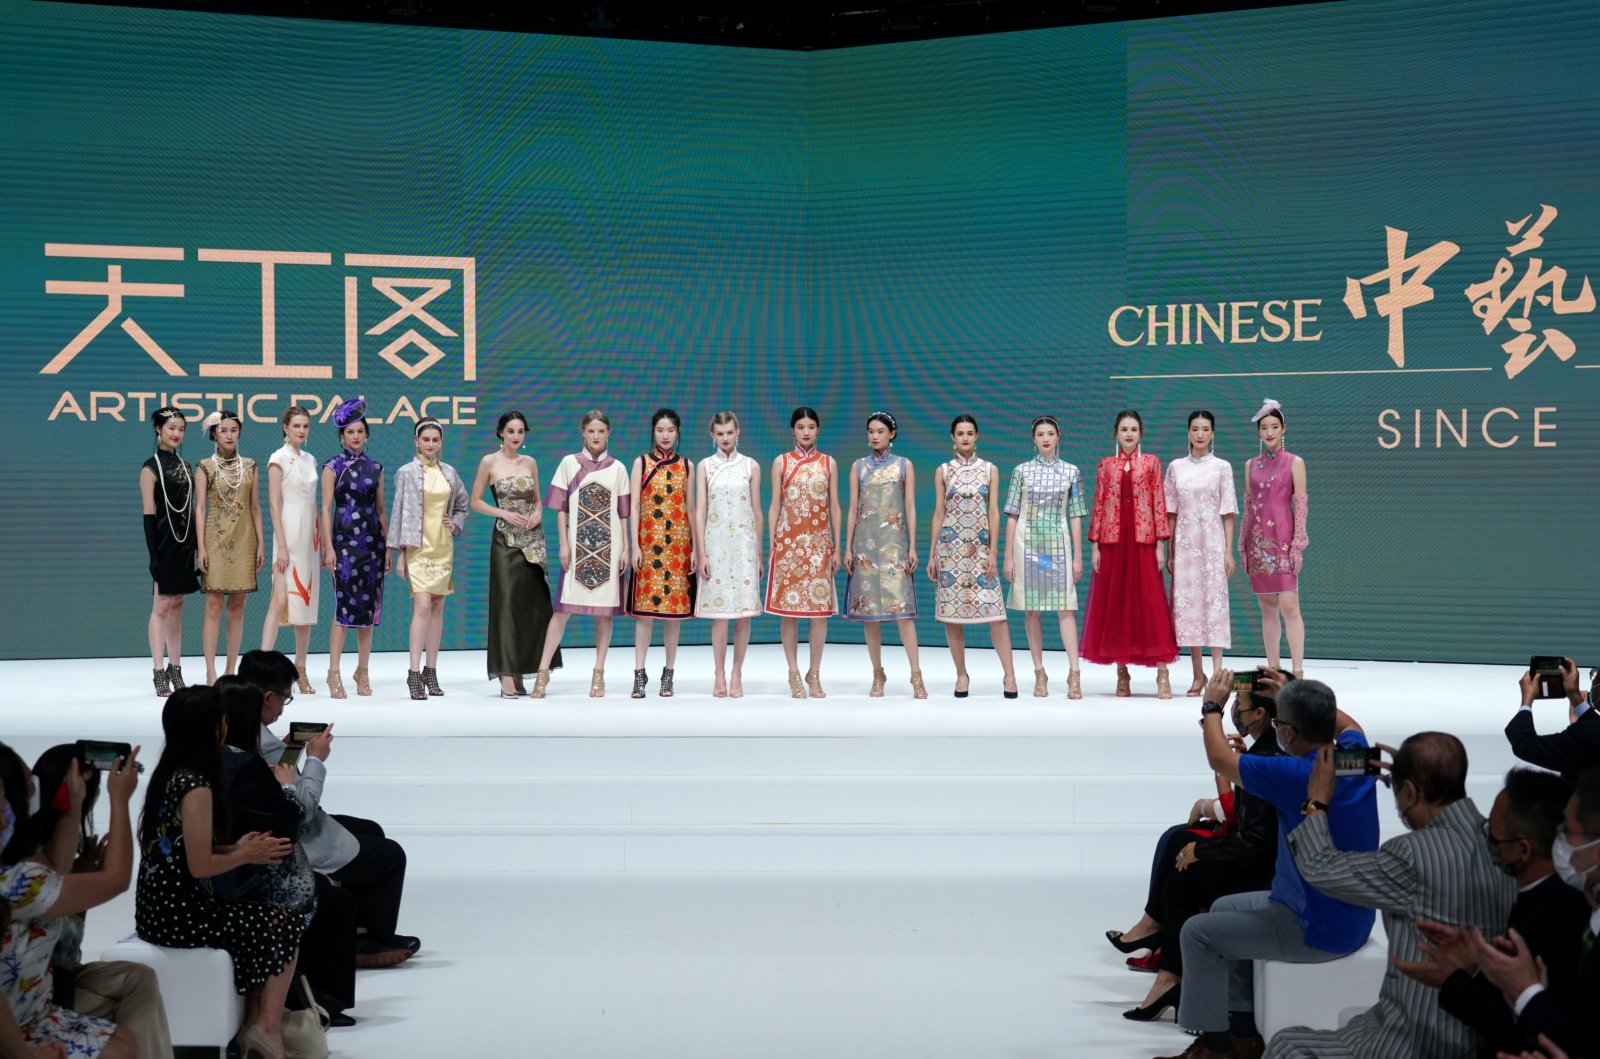 以「錦衣華裳」為主題的「2021中藝旗袍秀」在香港會展中心上演。(中新社)